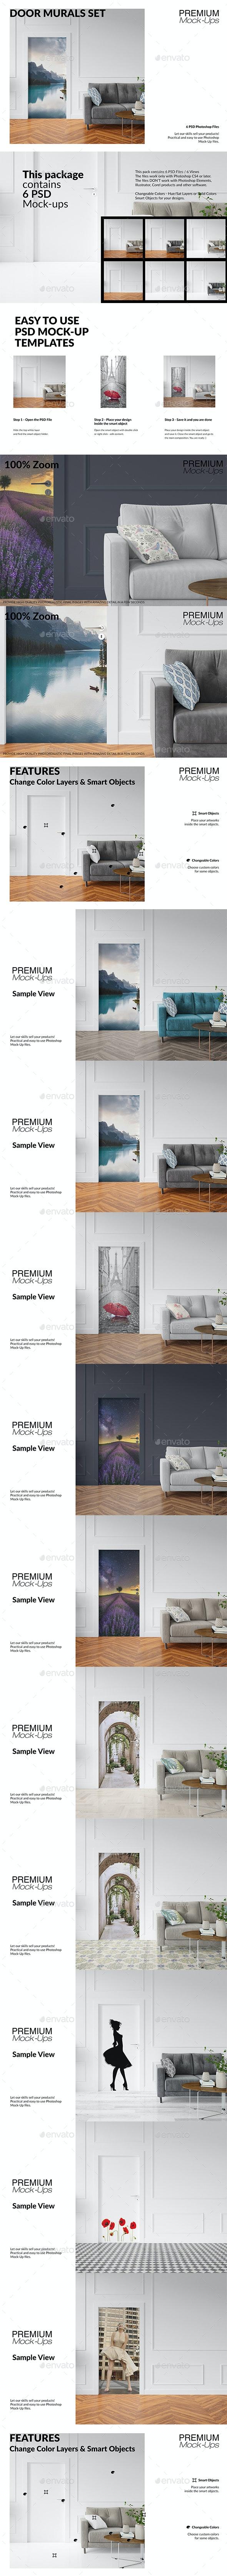 Door Murals Set - Print Product Mock-Ups